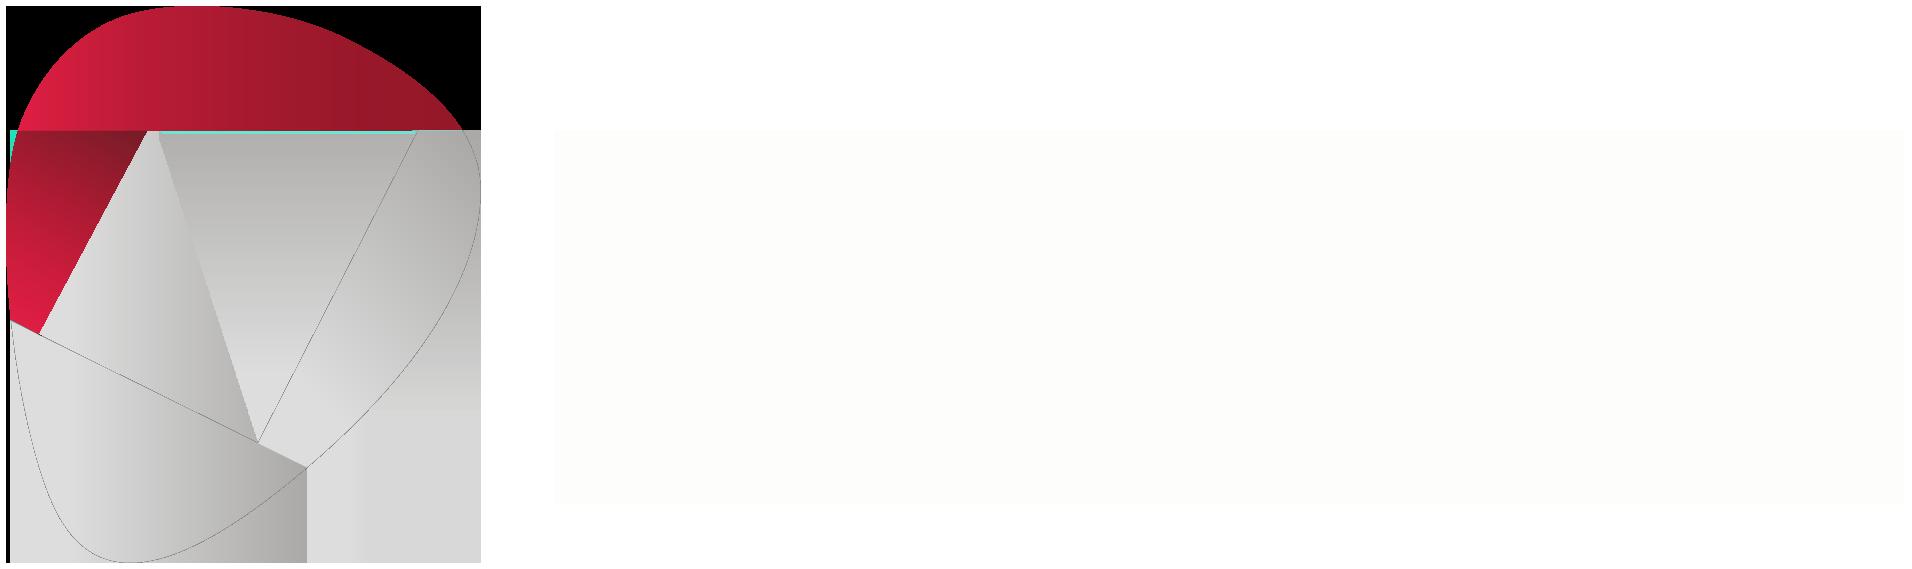 ЖИЛОЙ КОМПЛЕКС «ЗИЛАРТ»